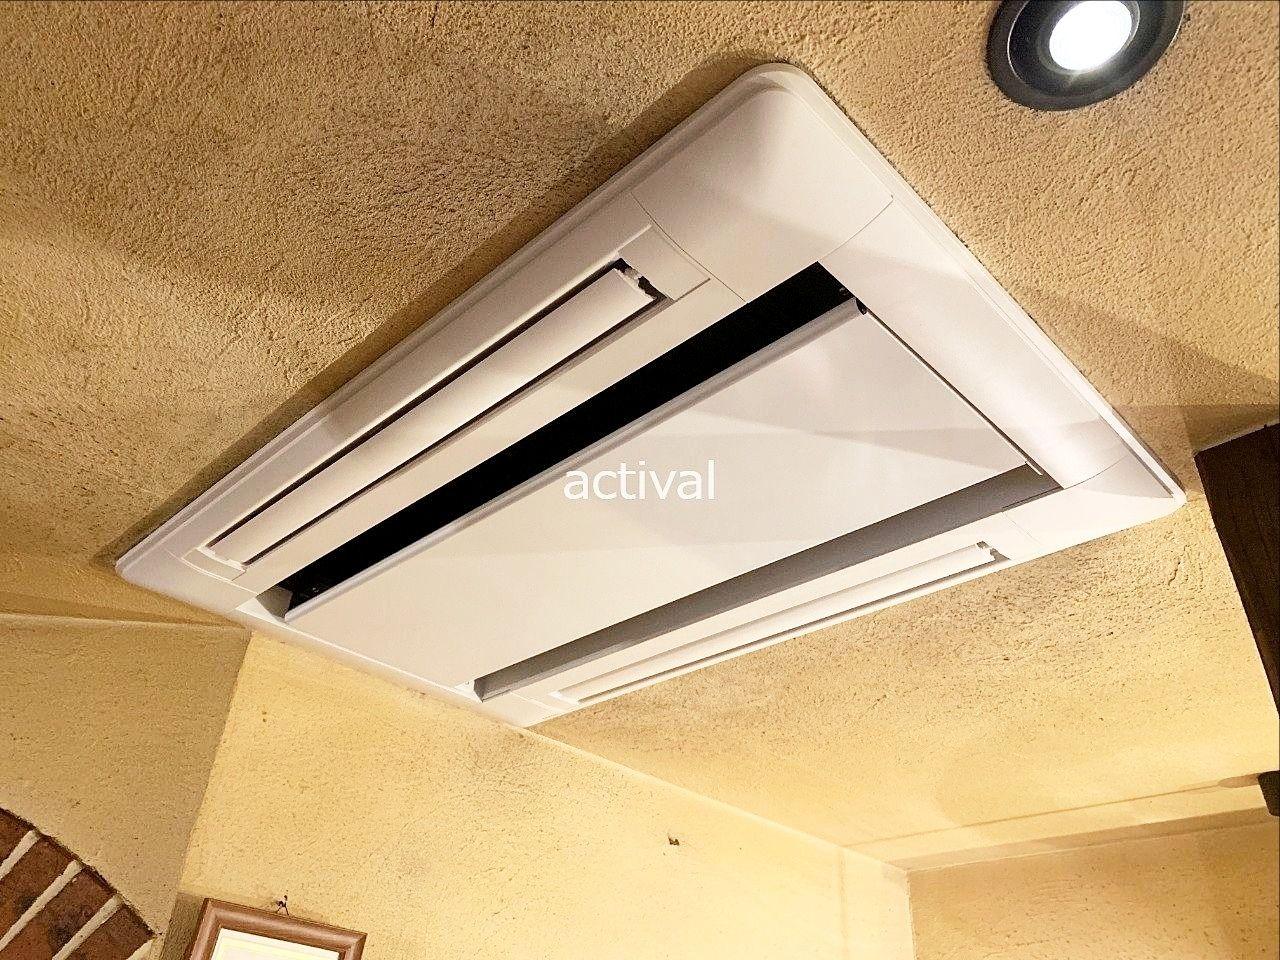 テナントさんのエアコン取り替え工事をしました。